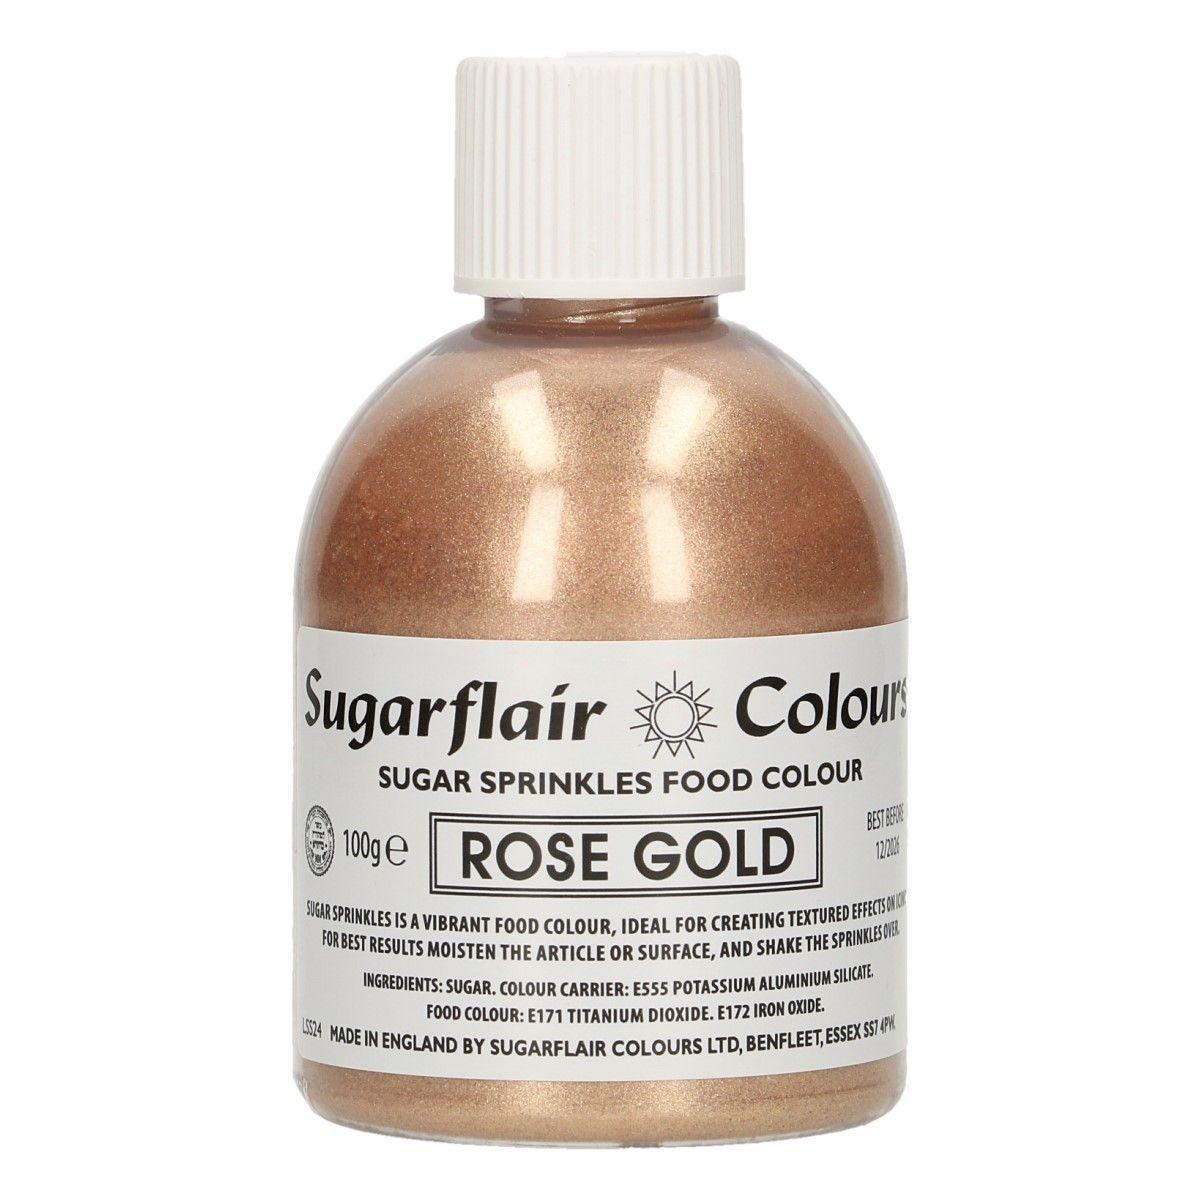 Sugarflair -Sparkling Sugar Sprinkles -ROSE GOLD 100g - Χρωματιστή Ζάχαρη - Ροζ Χρυσό